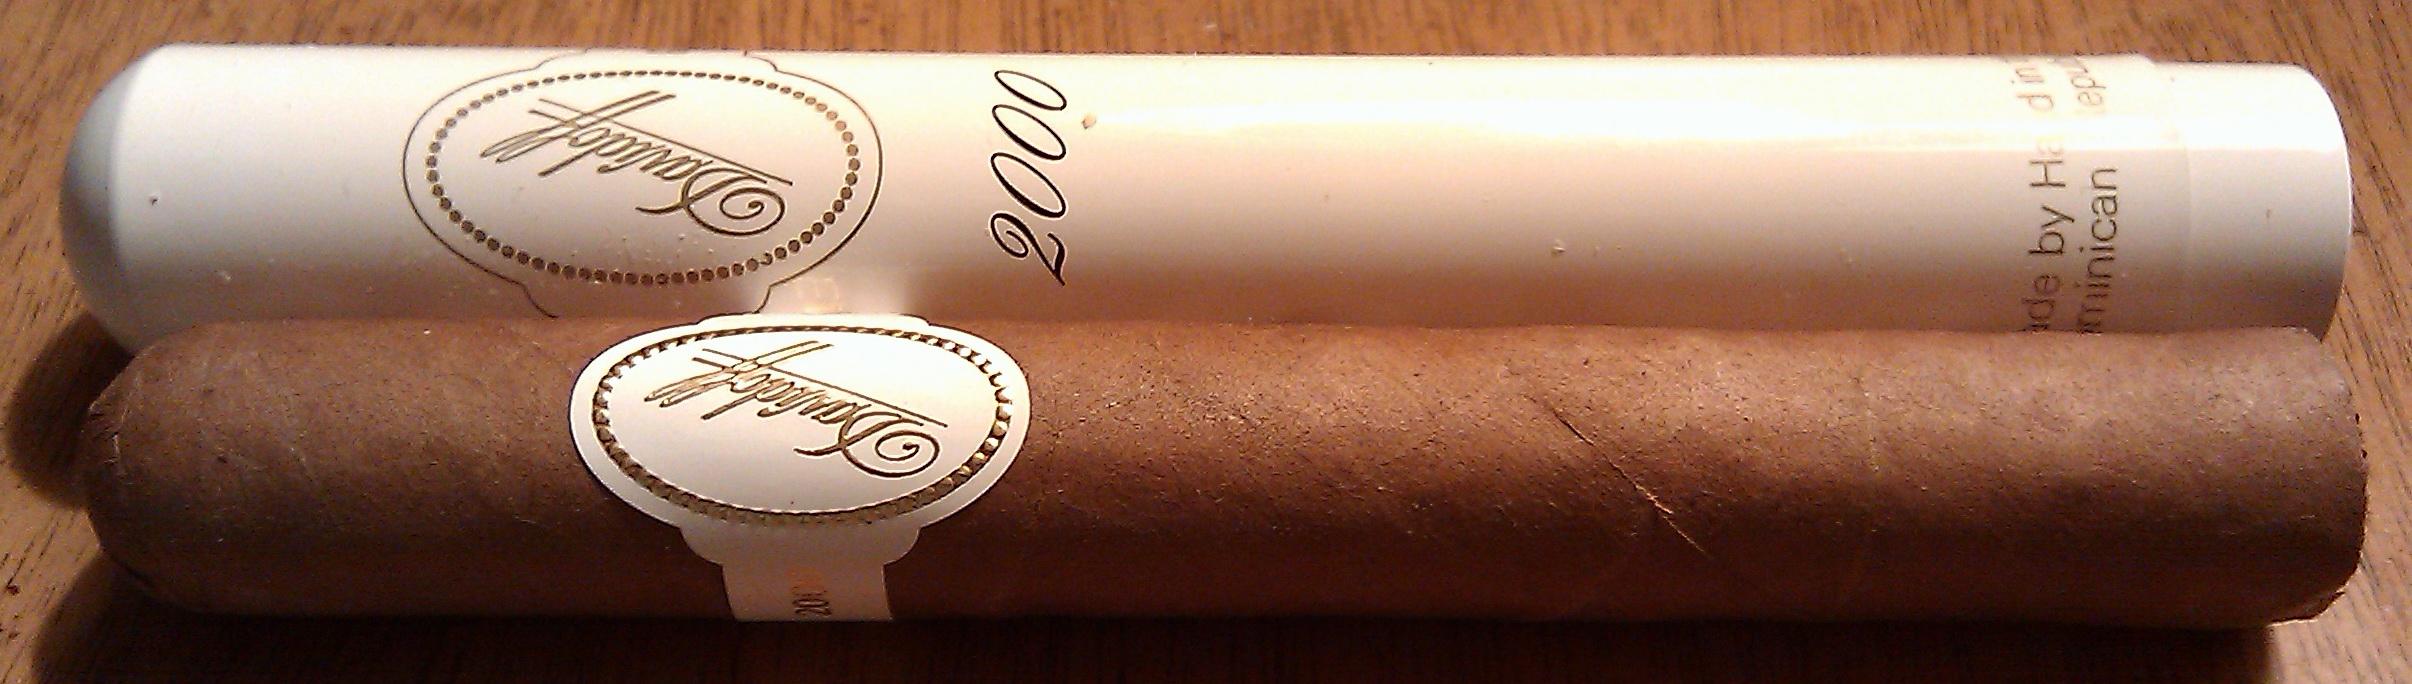 Cigar Review: Davidoff 2000 Tubos